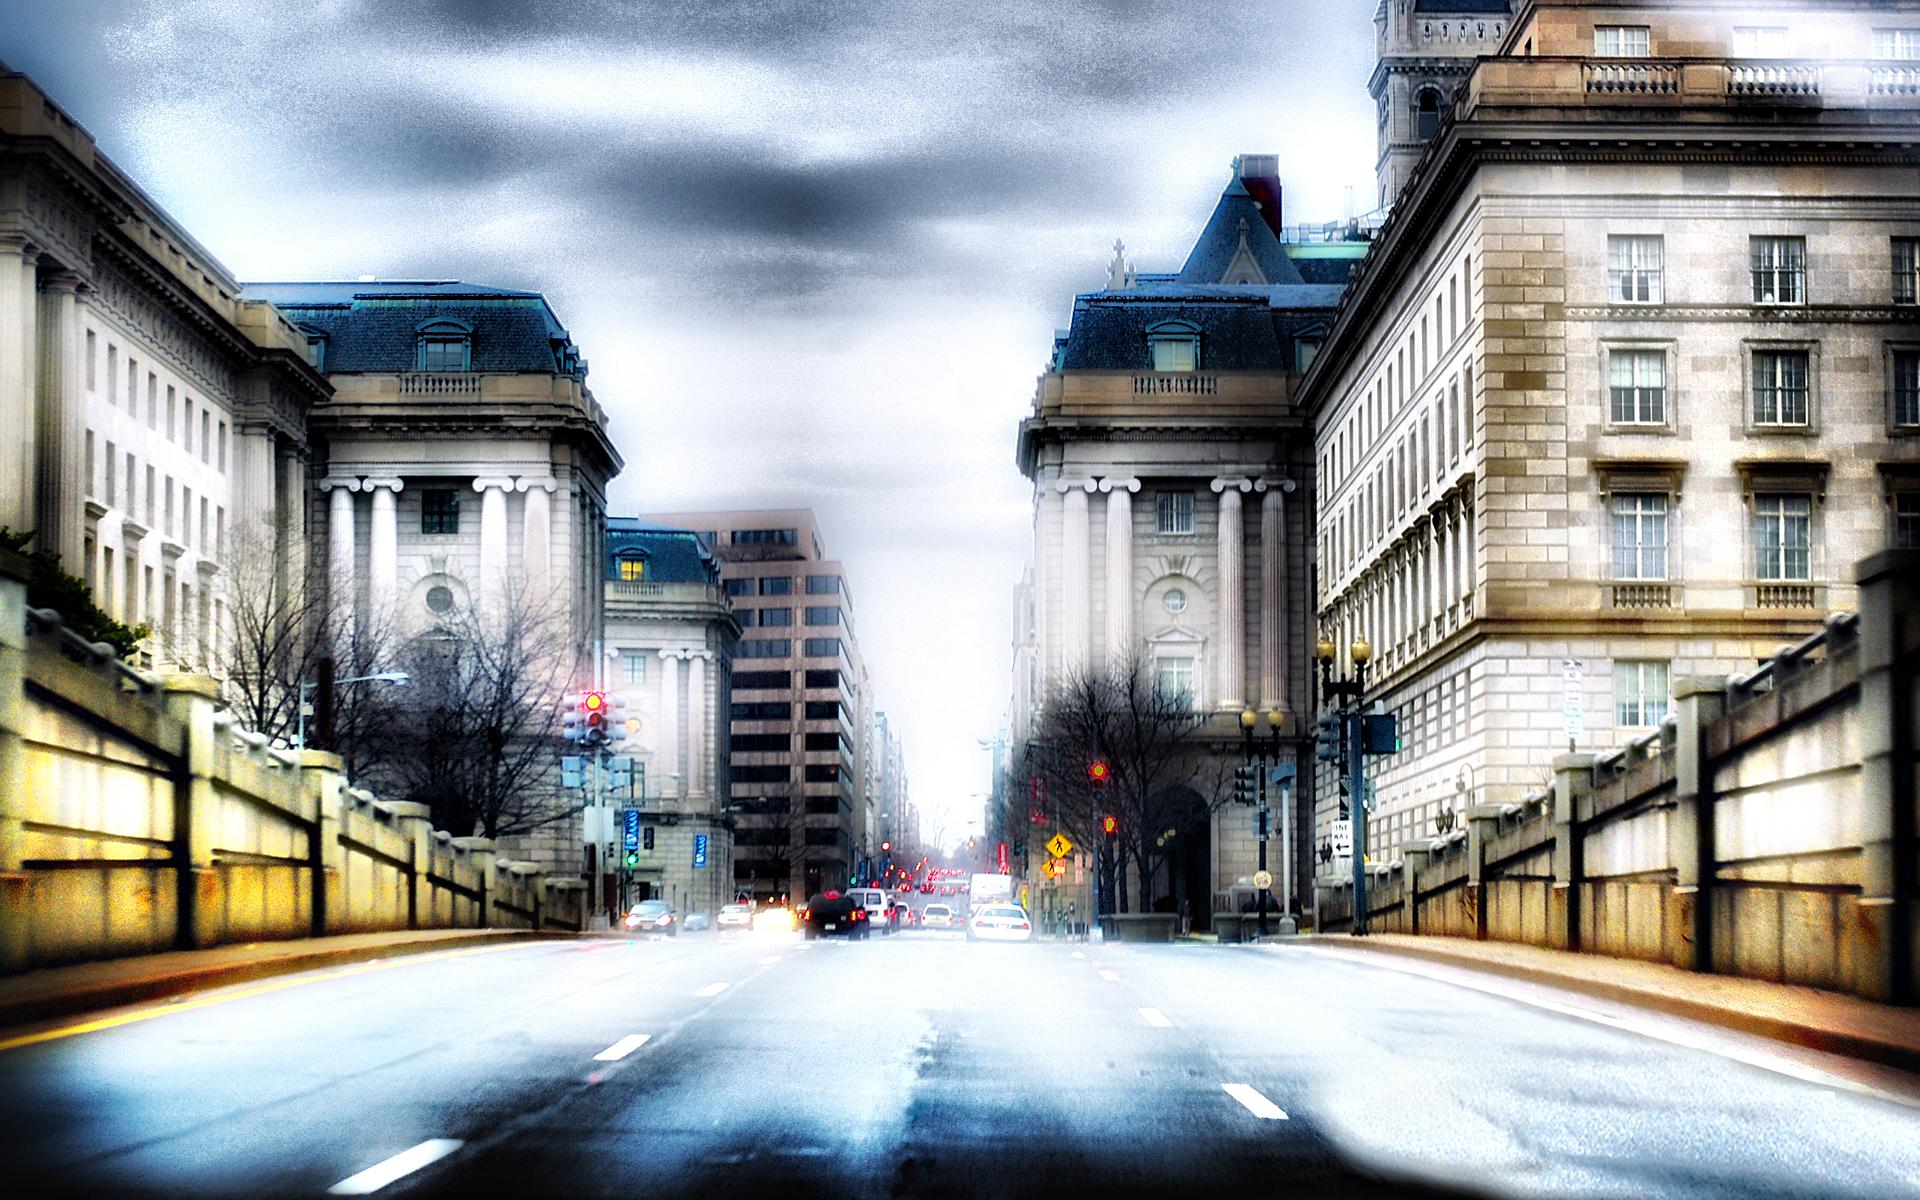 46+ Washington DC iPhone Wallpaper on WallpaperSafari